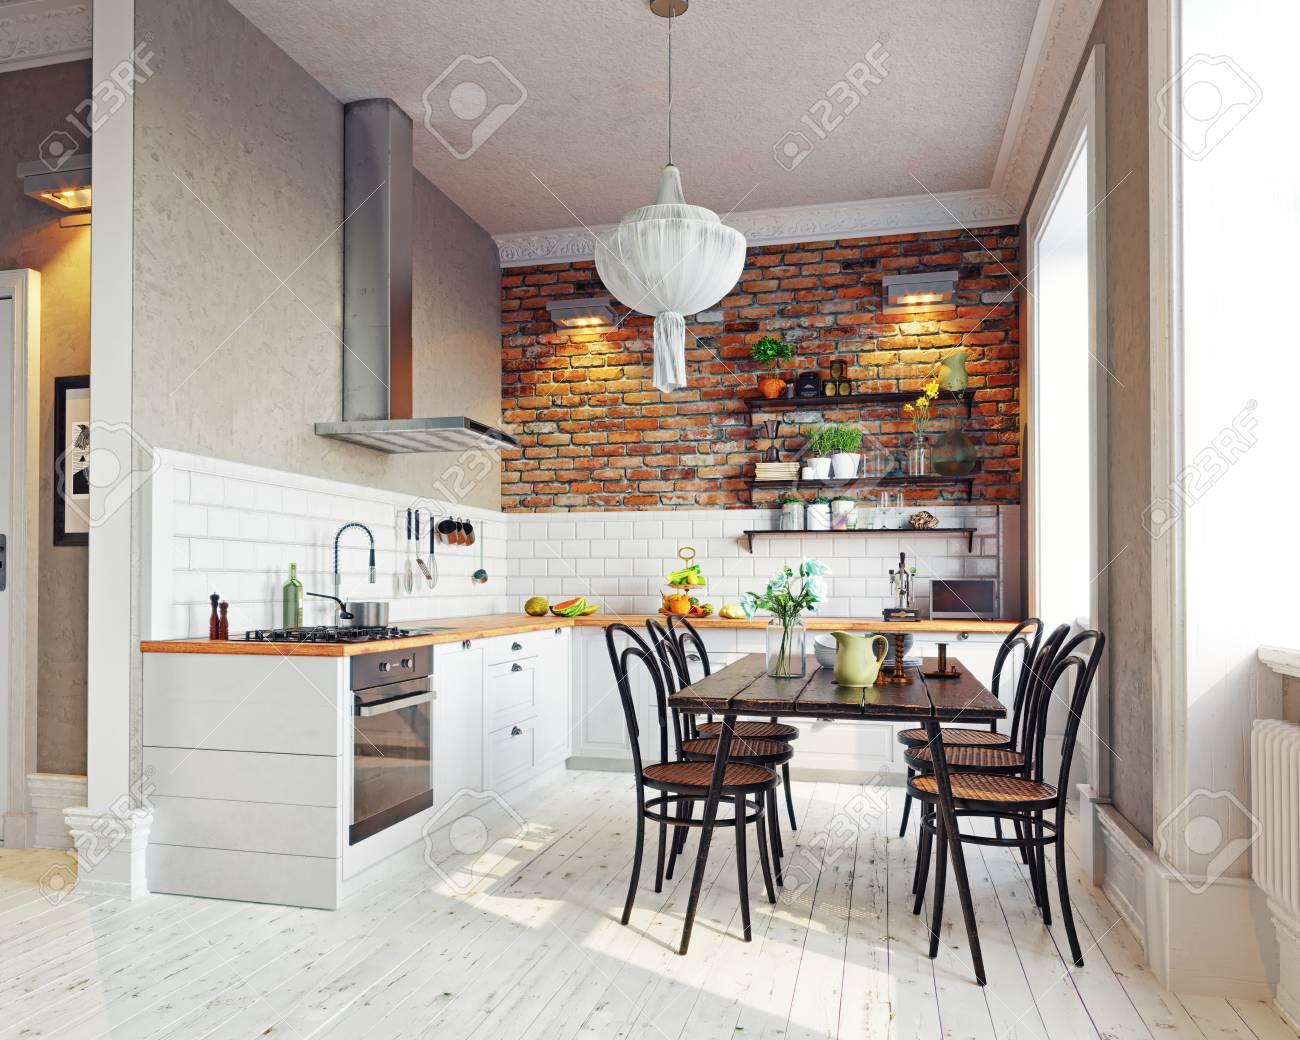 Cocina moderna interior. Diseño de estilo escandinavo. Concepto de  representación 3D